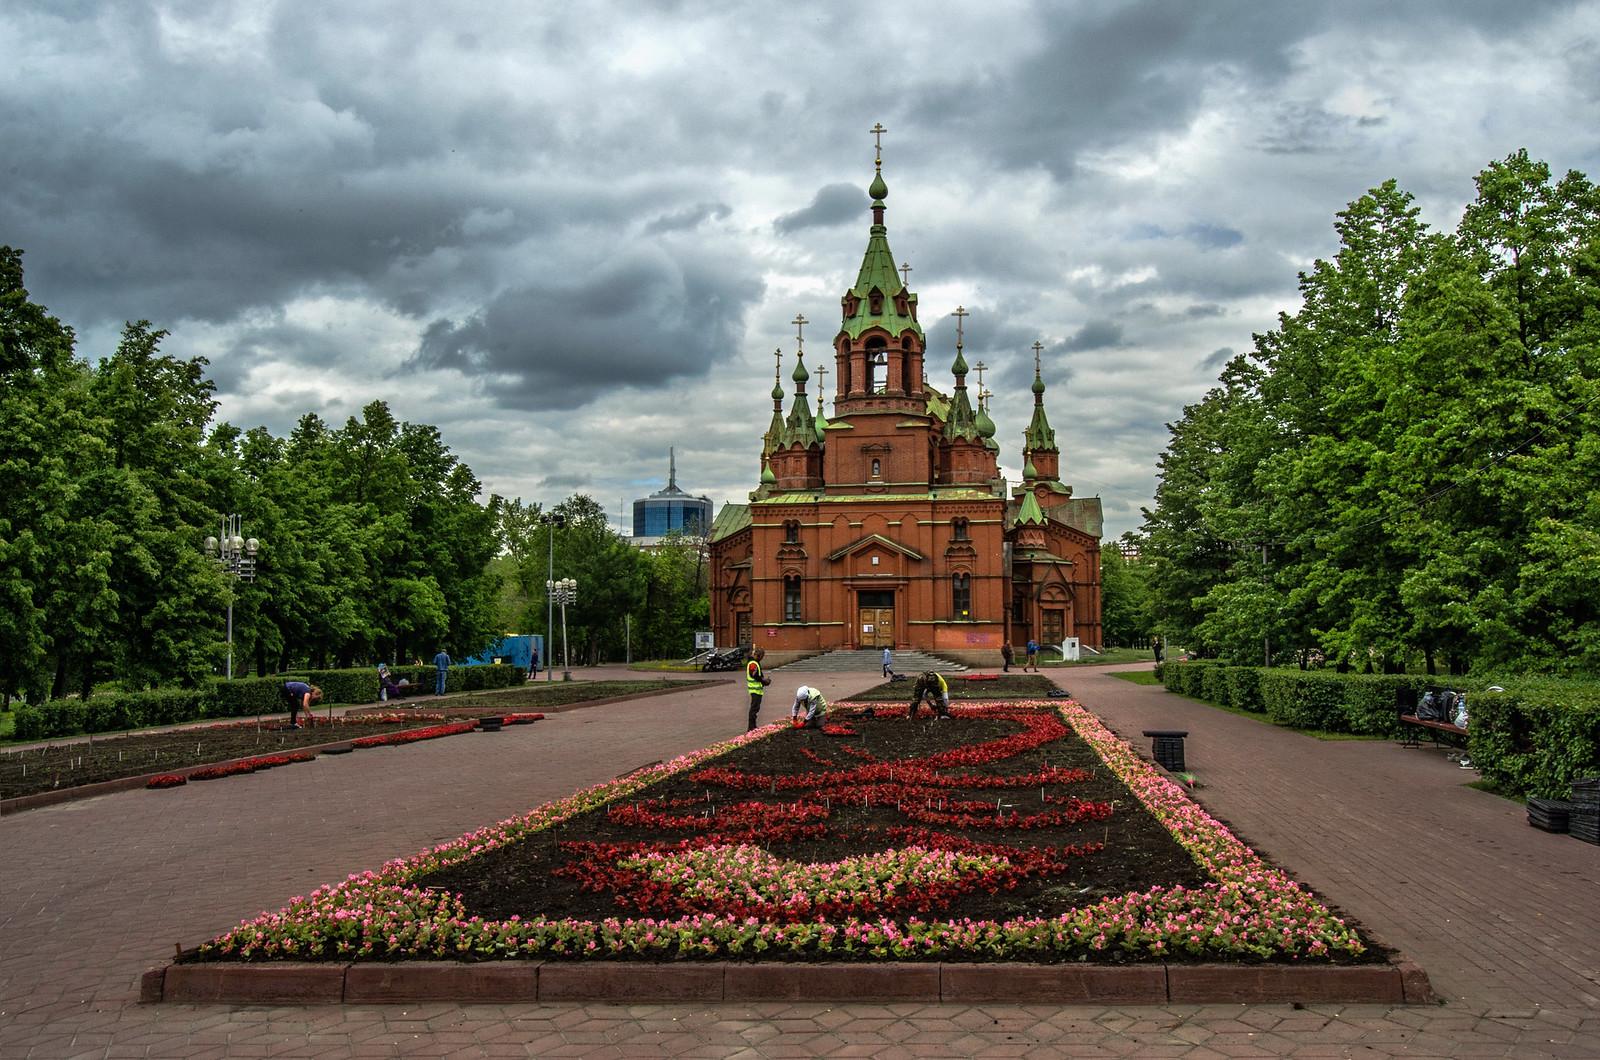 Челябинск. 14.05.2018 - Храм Александра Невского